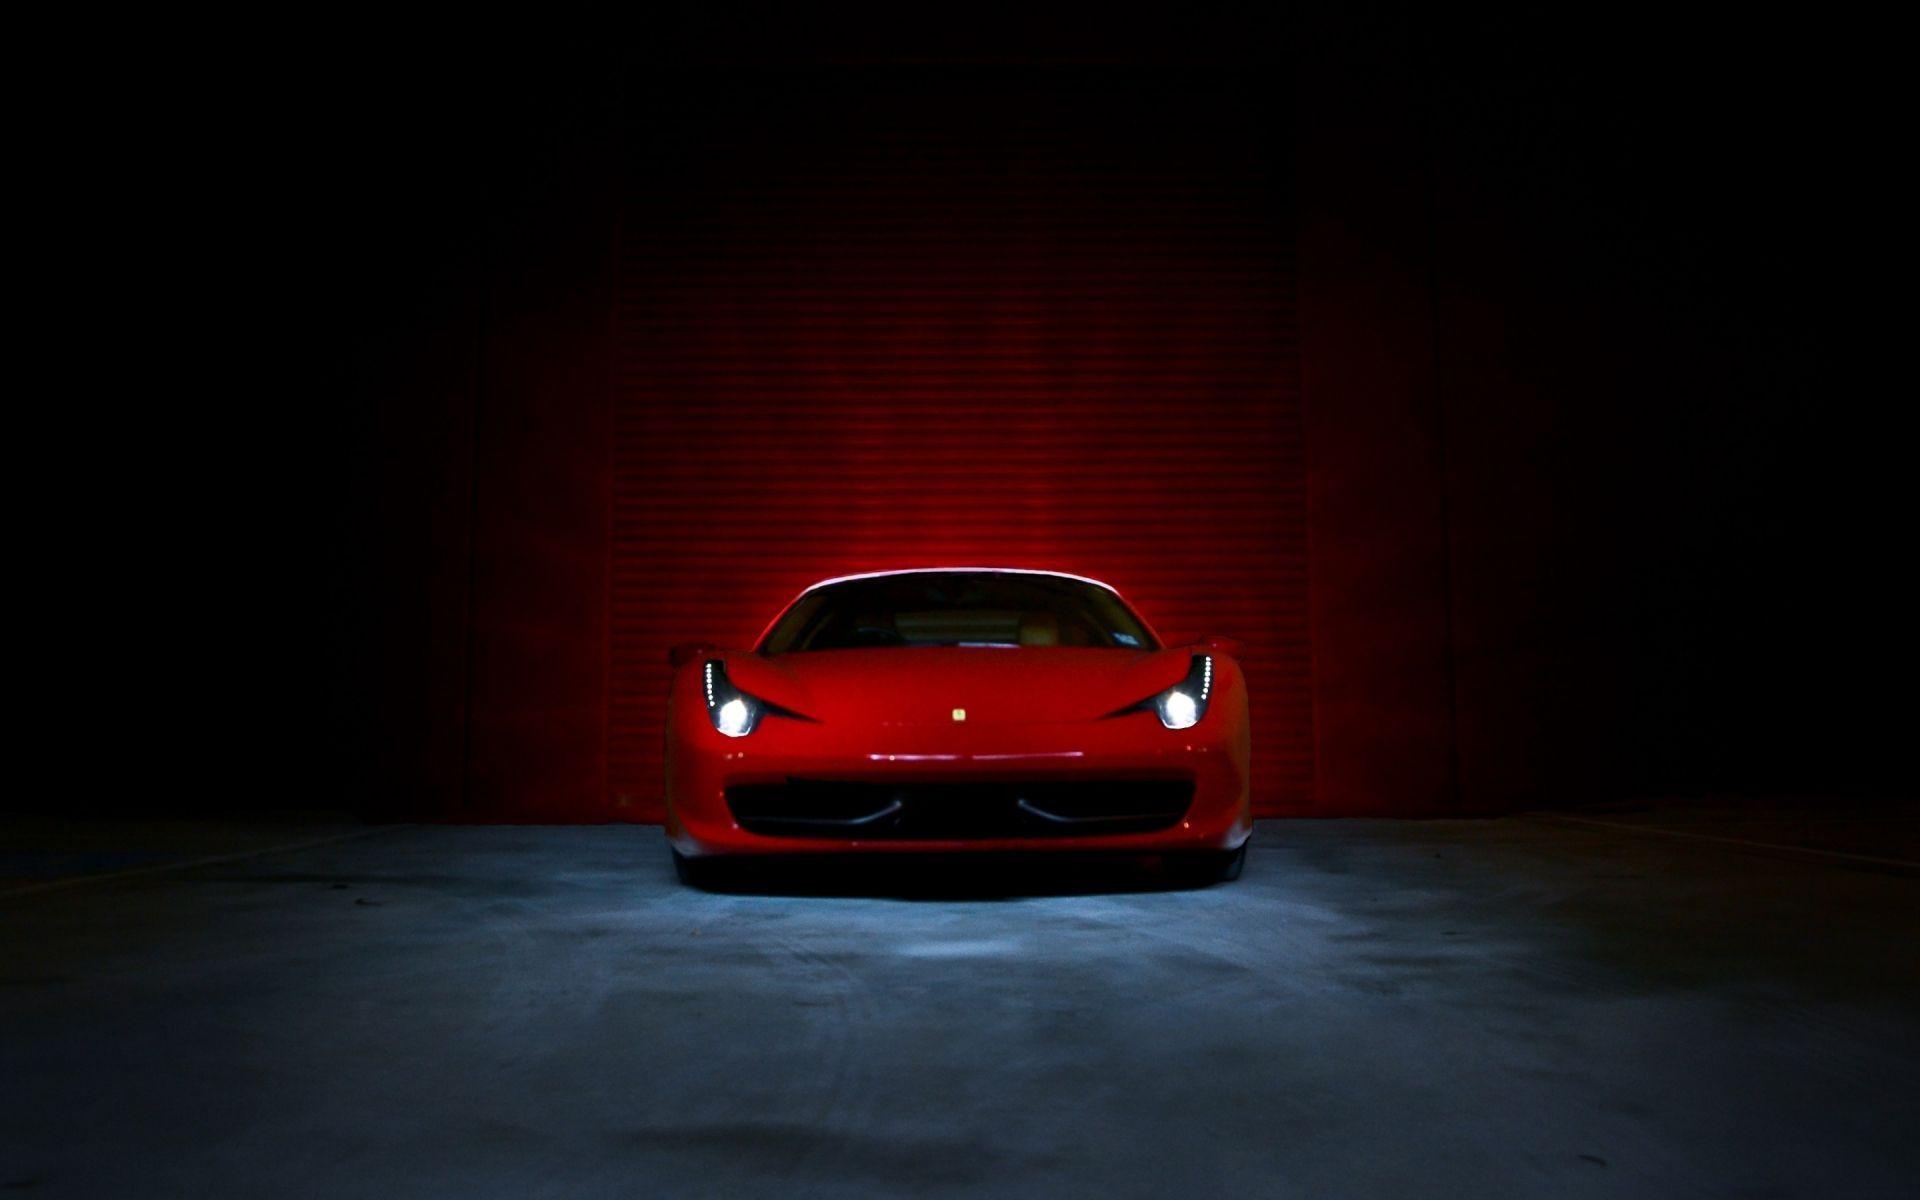 2017 Ferrari 458 Italia Wallpapers - Wallpaper Cave